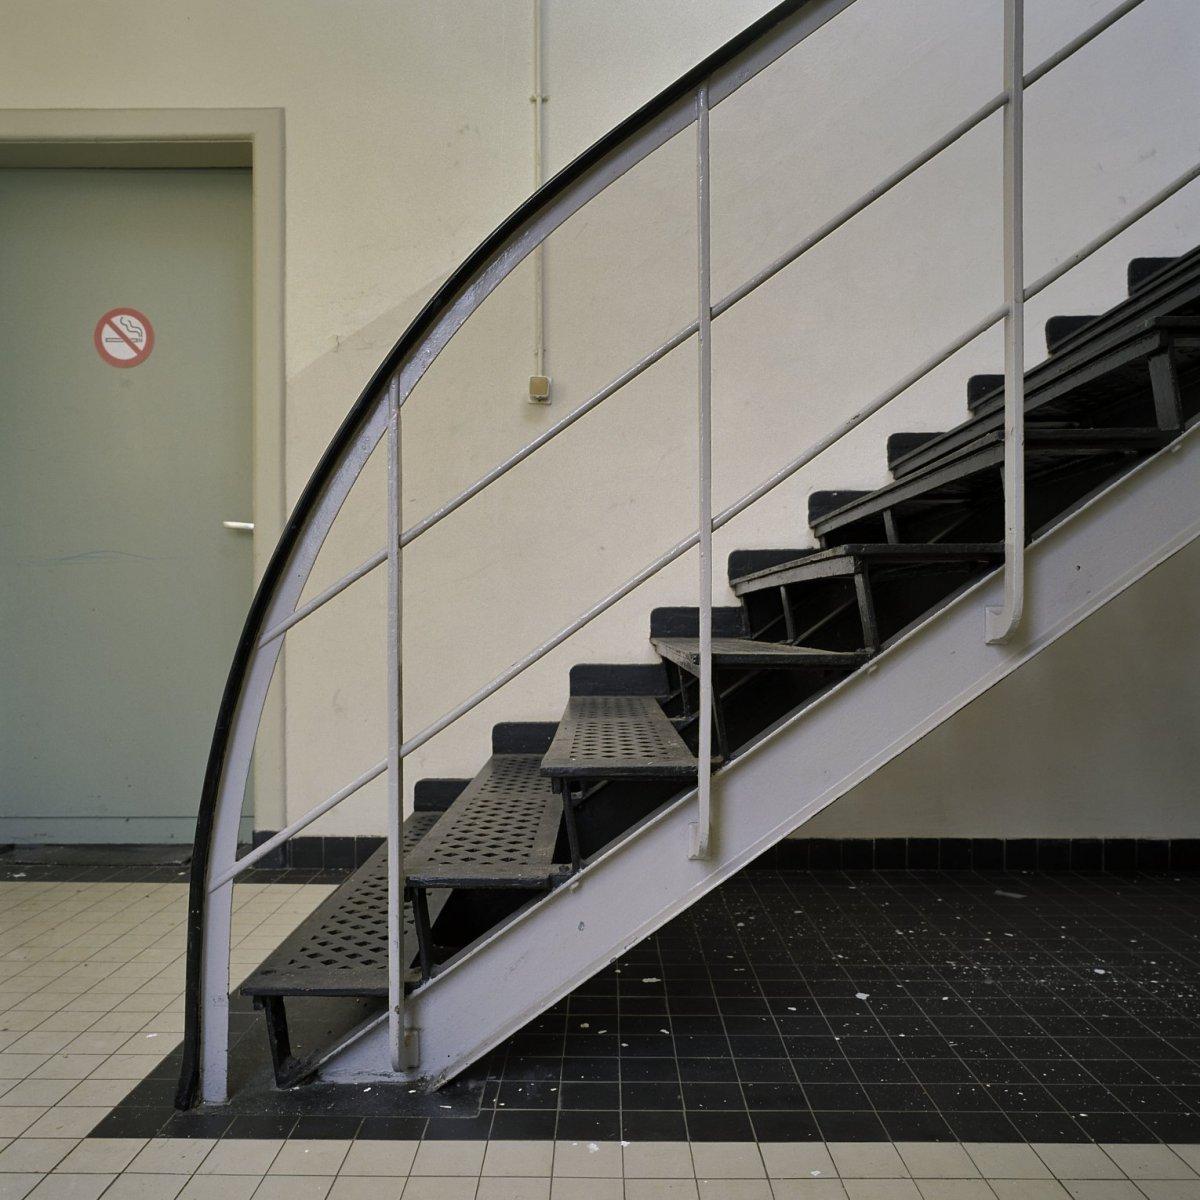 File interieur stalen trap veenhuizen 20386547 wikimedia commons - Interieur trap ...